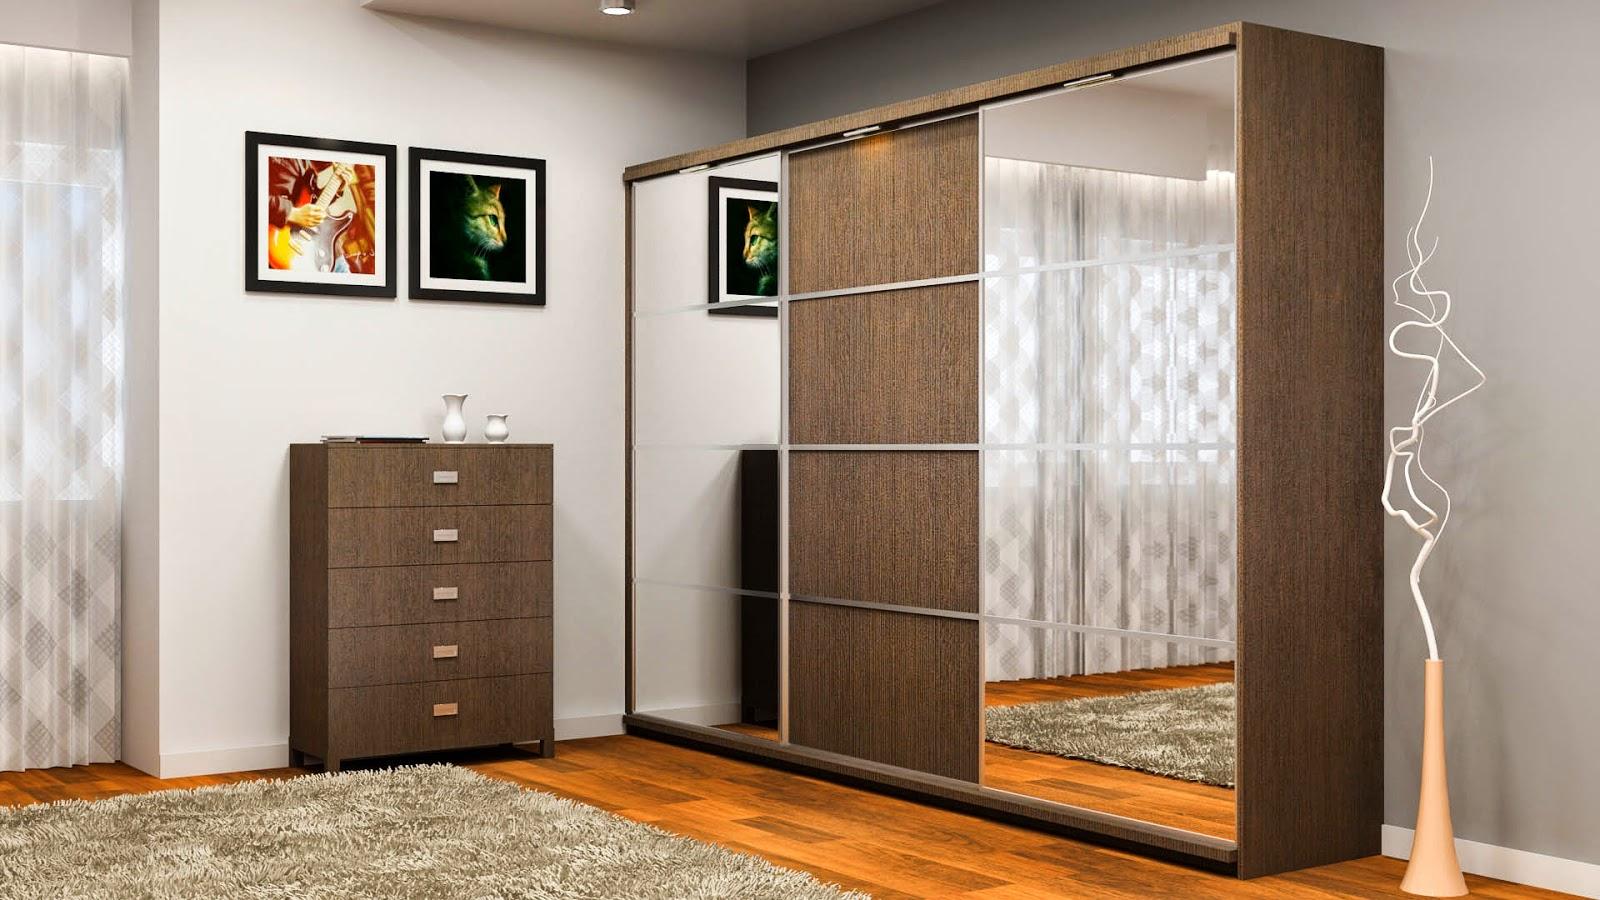 Interior Decor Blog - Customfurnish.com